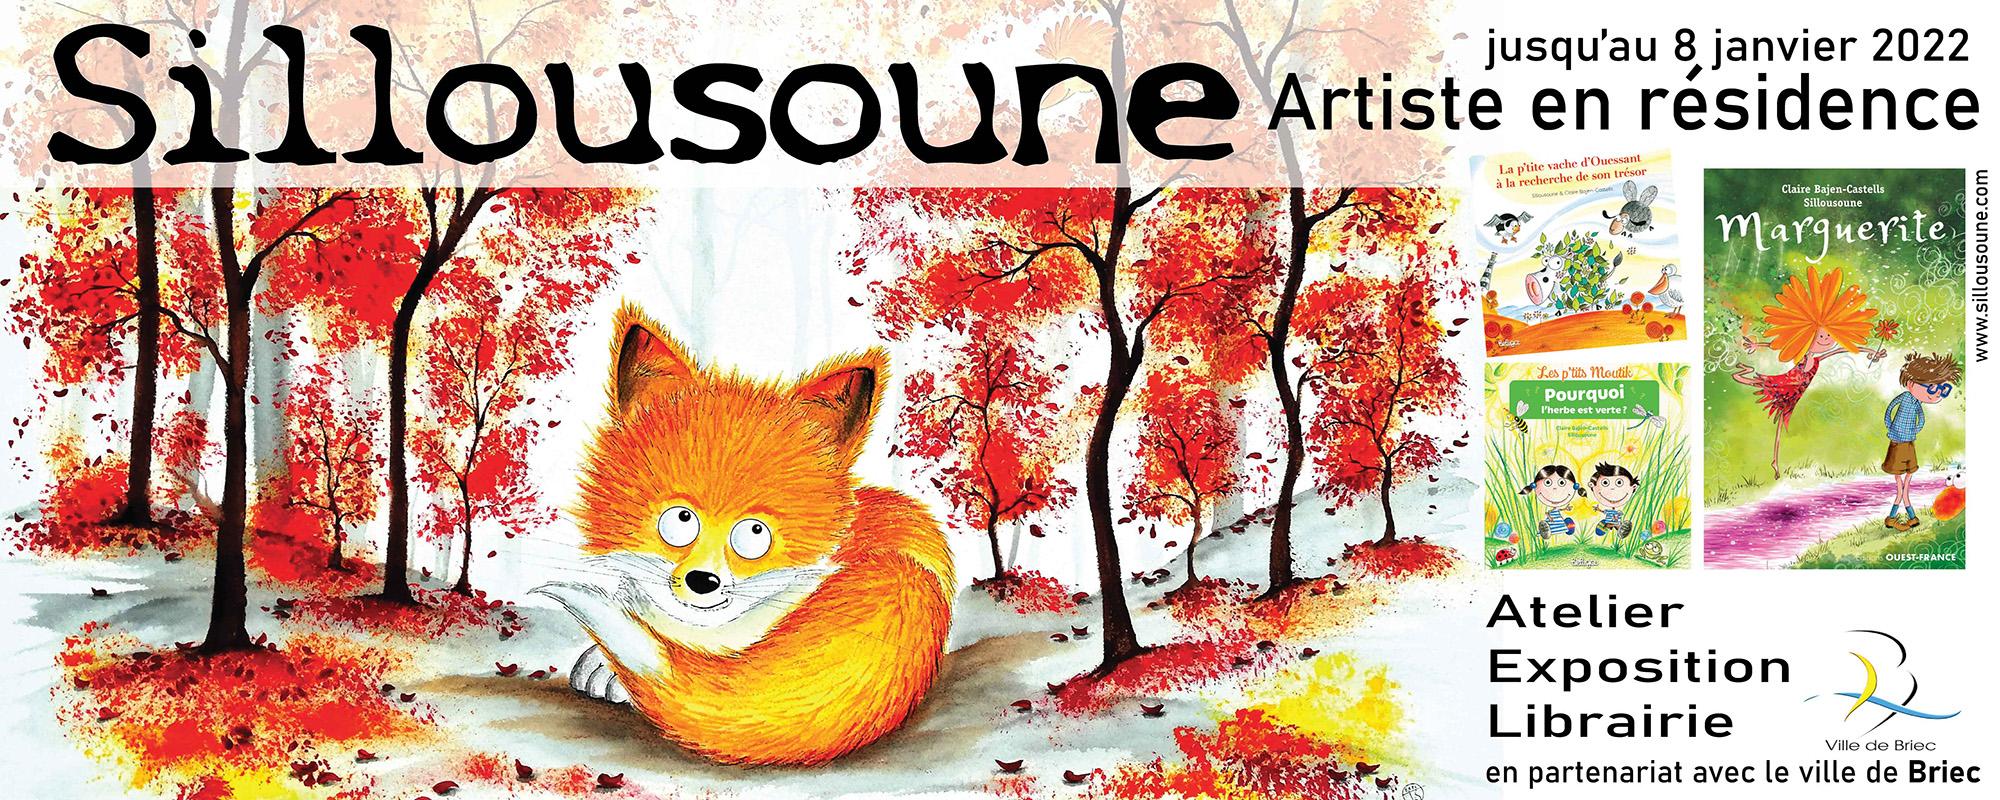 Sillousoune s'installe en résidence artistique à Briec, dans le Finistère